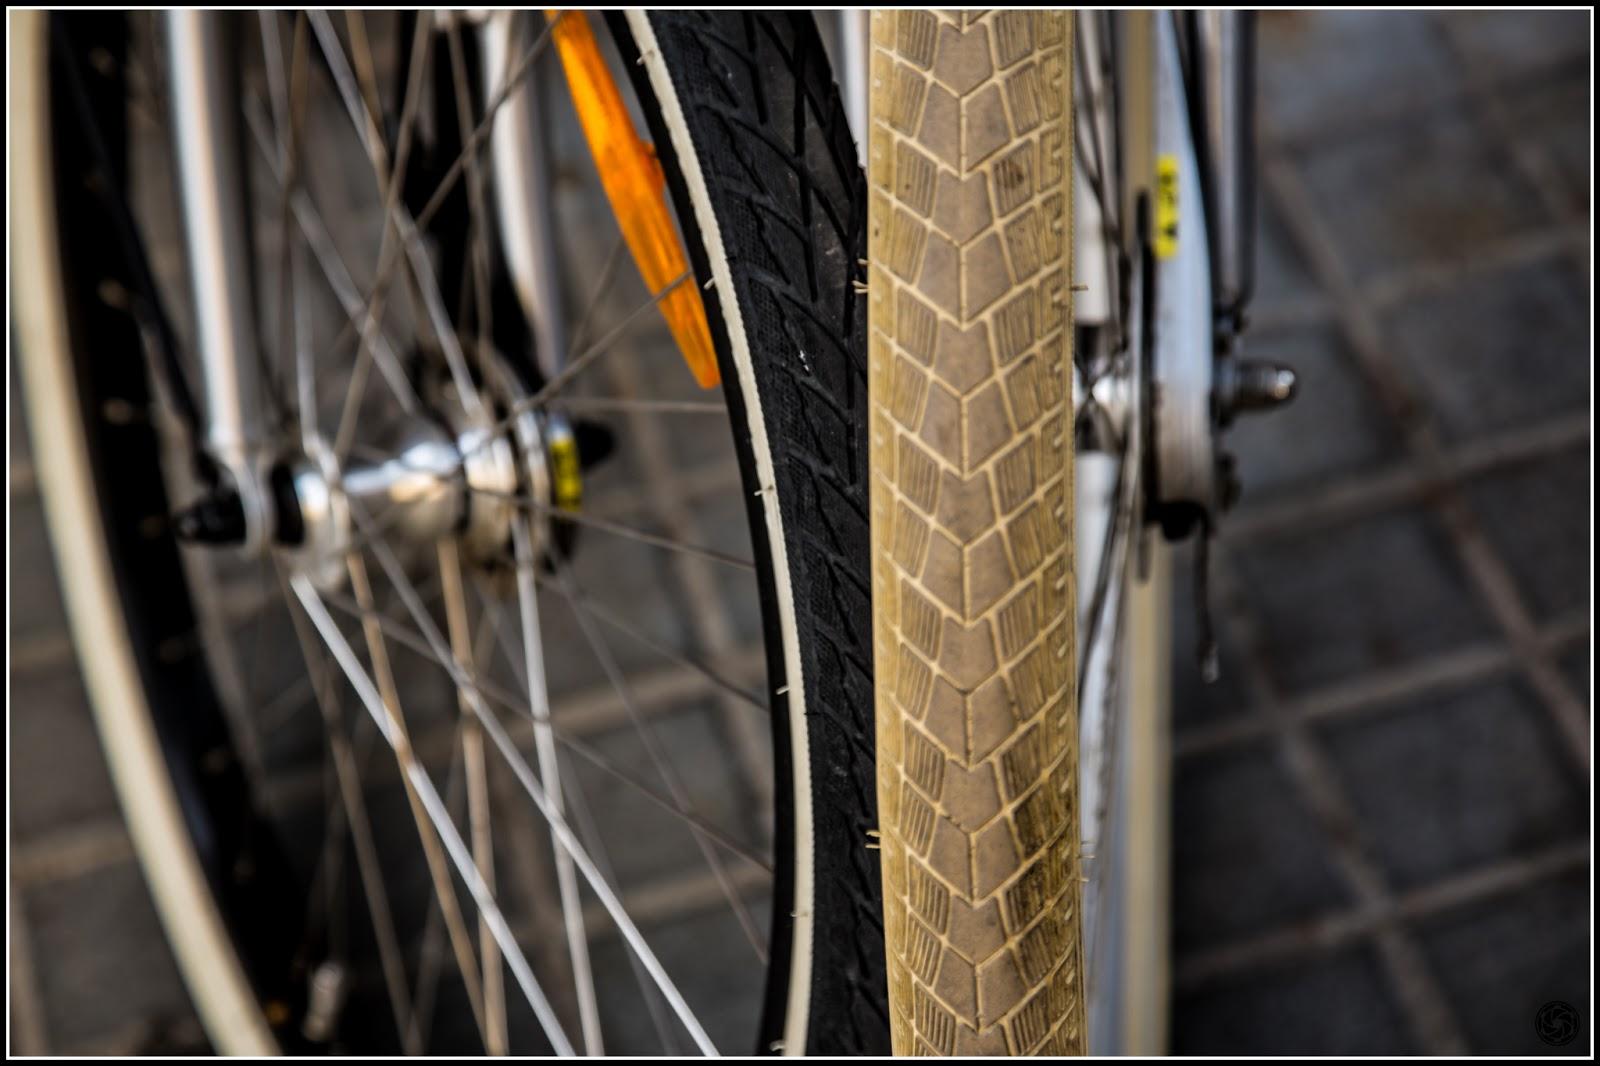 Bicicletas amorosas: Canon EOS 5D Mark III | ISO100 | Canon 24-105@98mm | f/5.0 | 1/50s